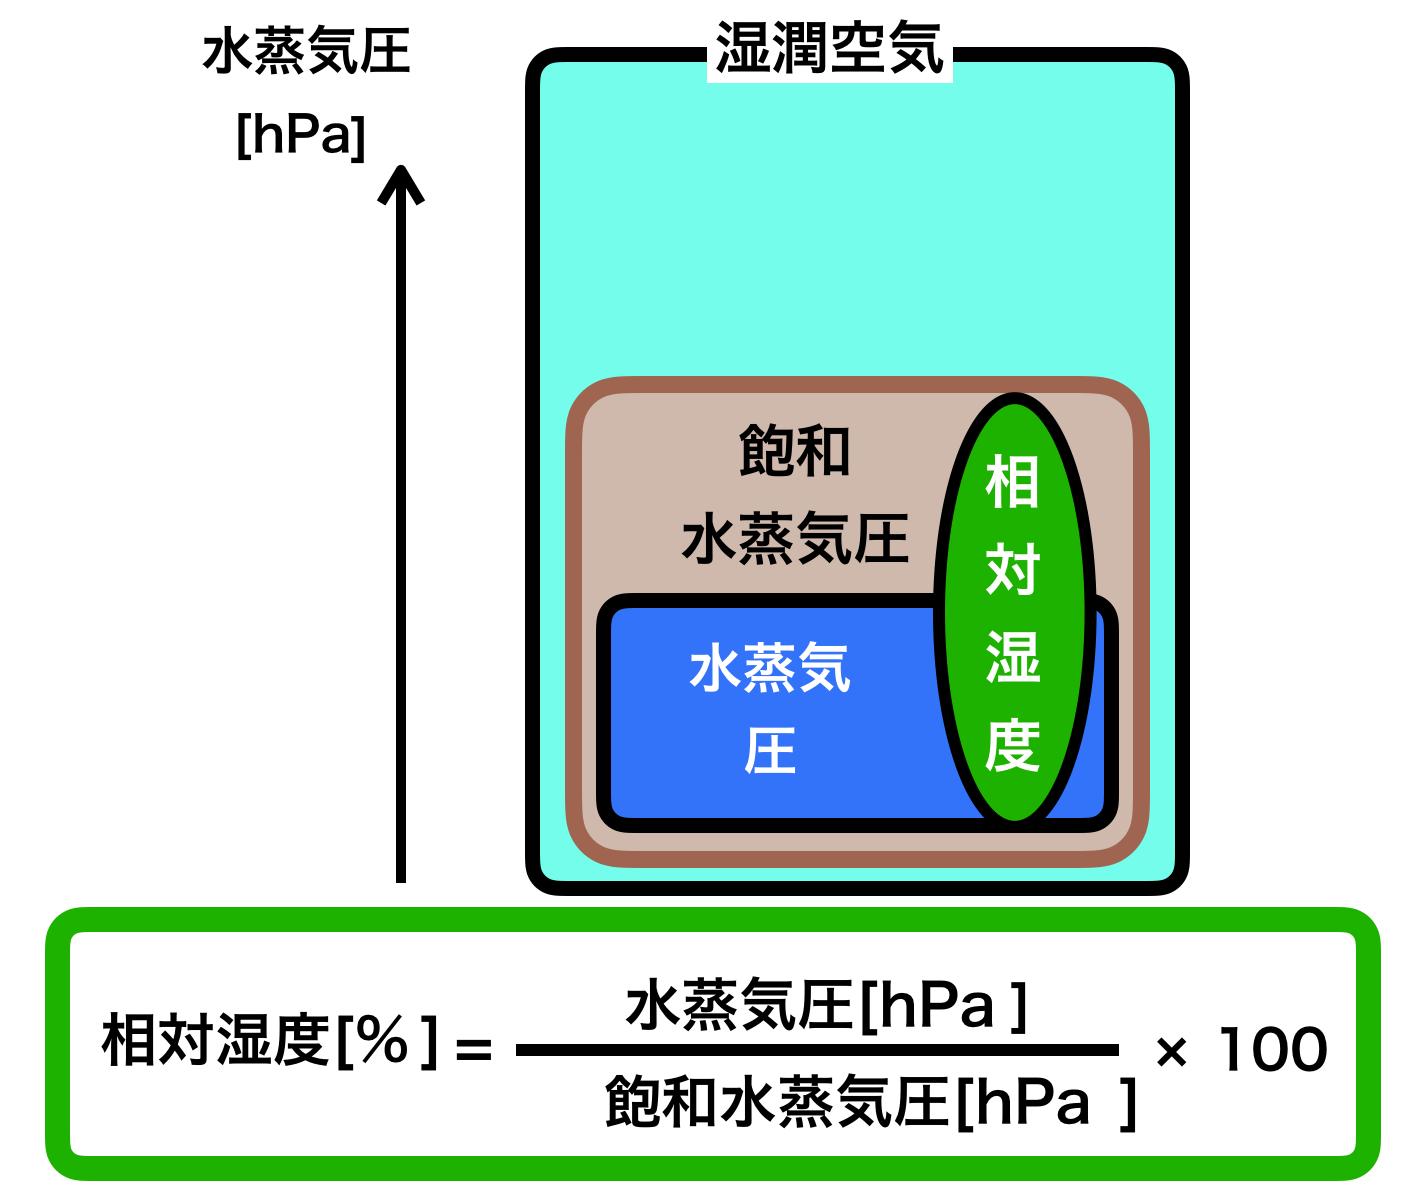 水蒸気 量 計算 飽和 水分パラメータ計算ツール